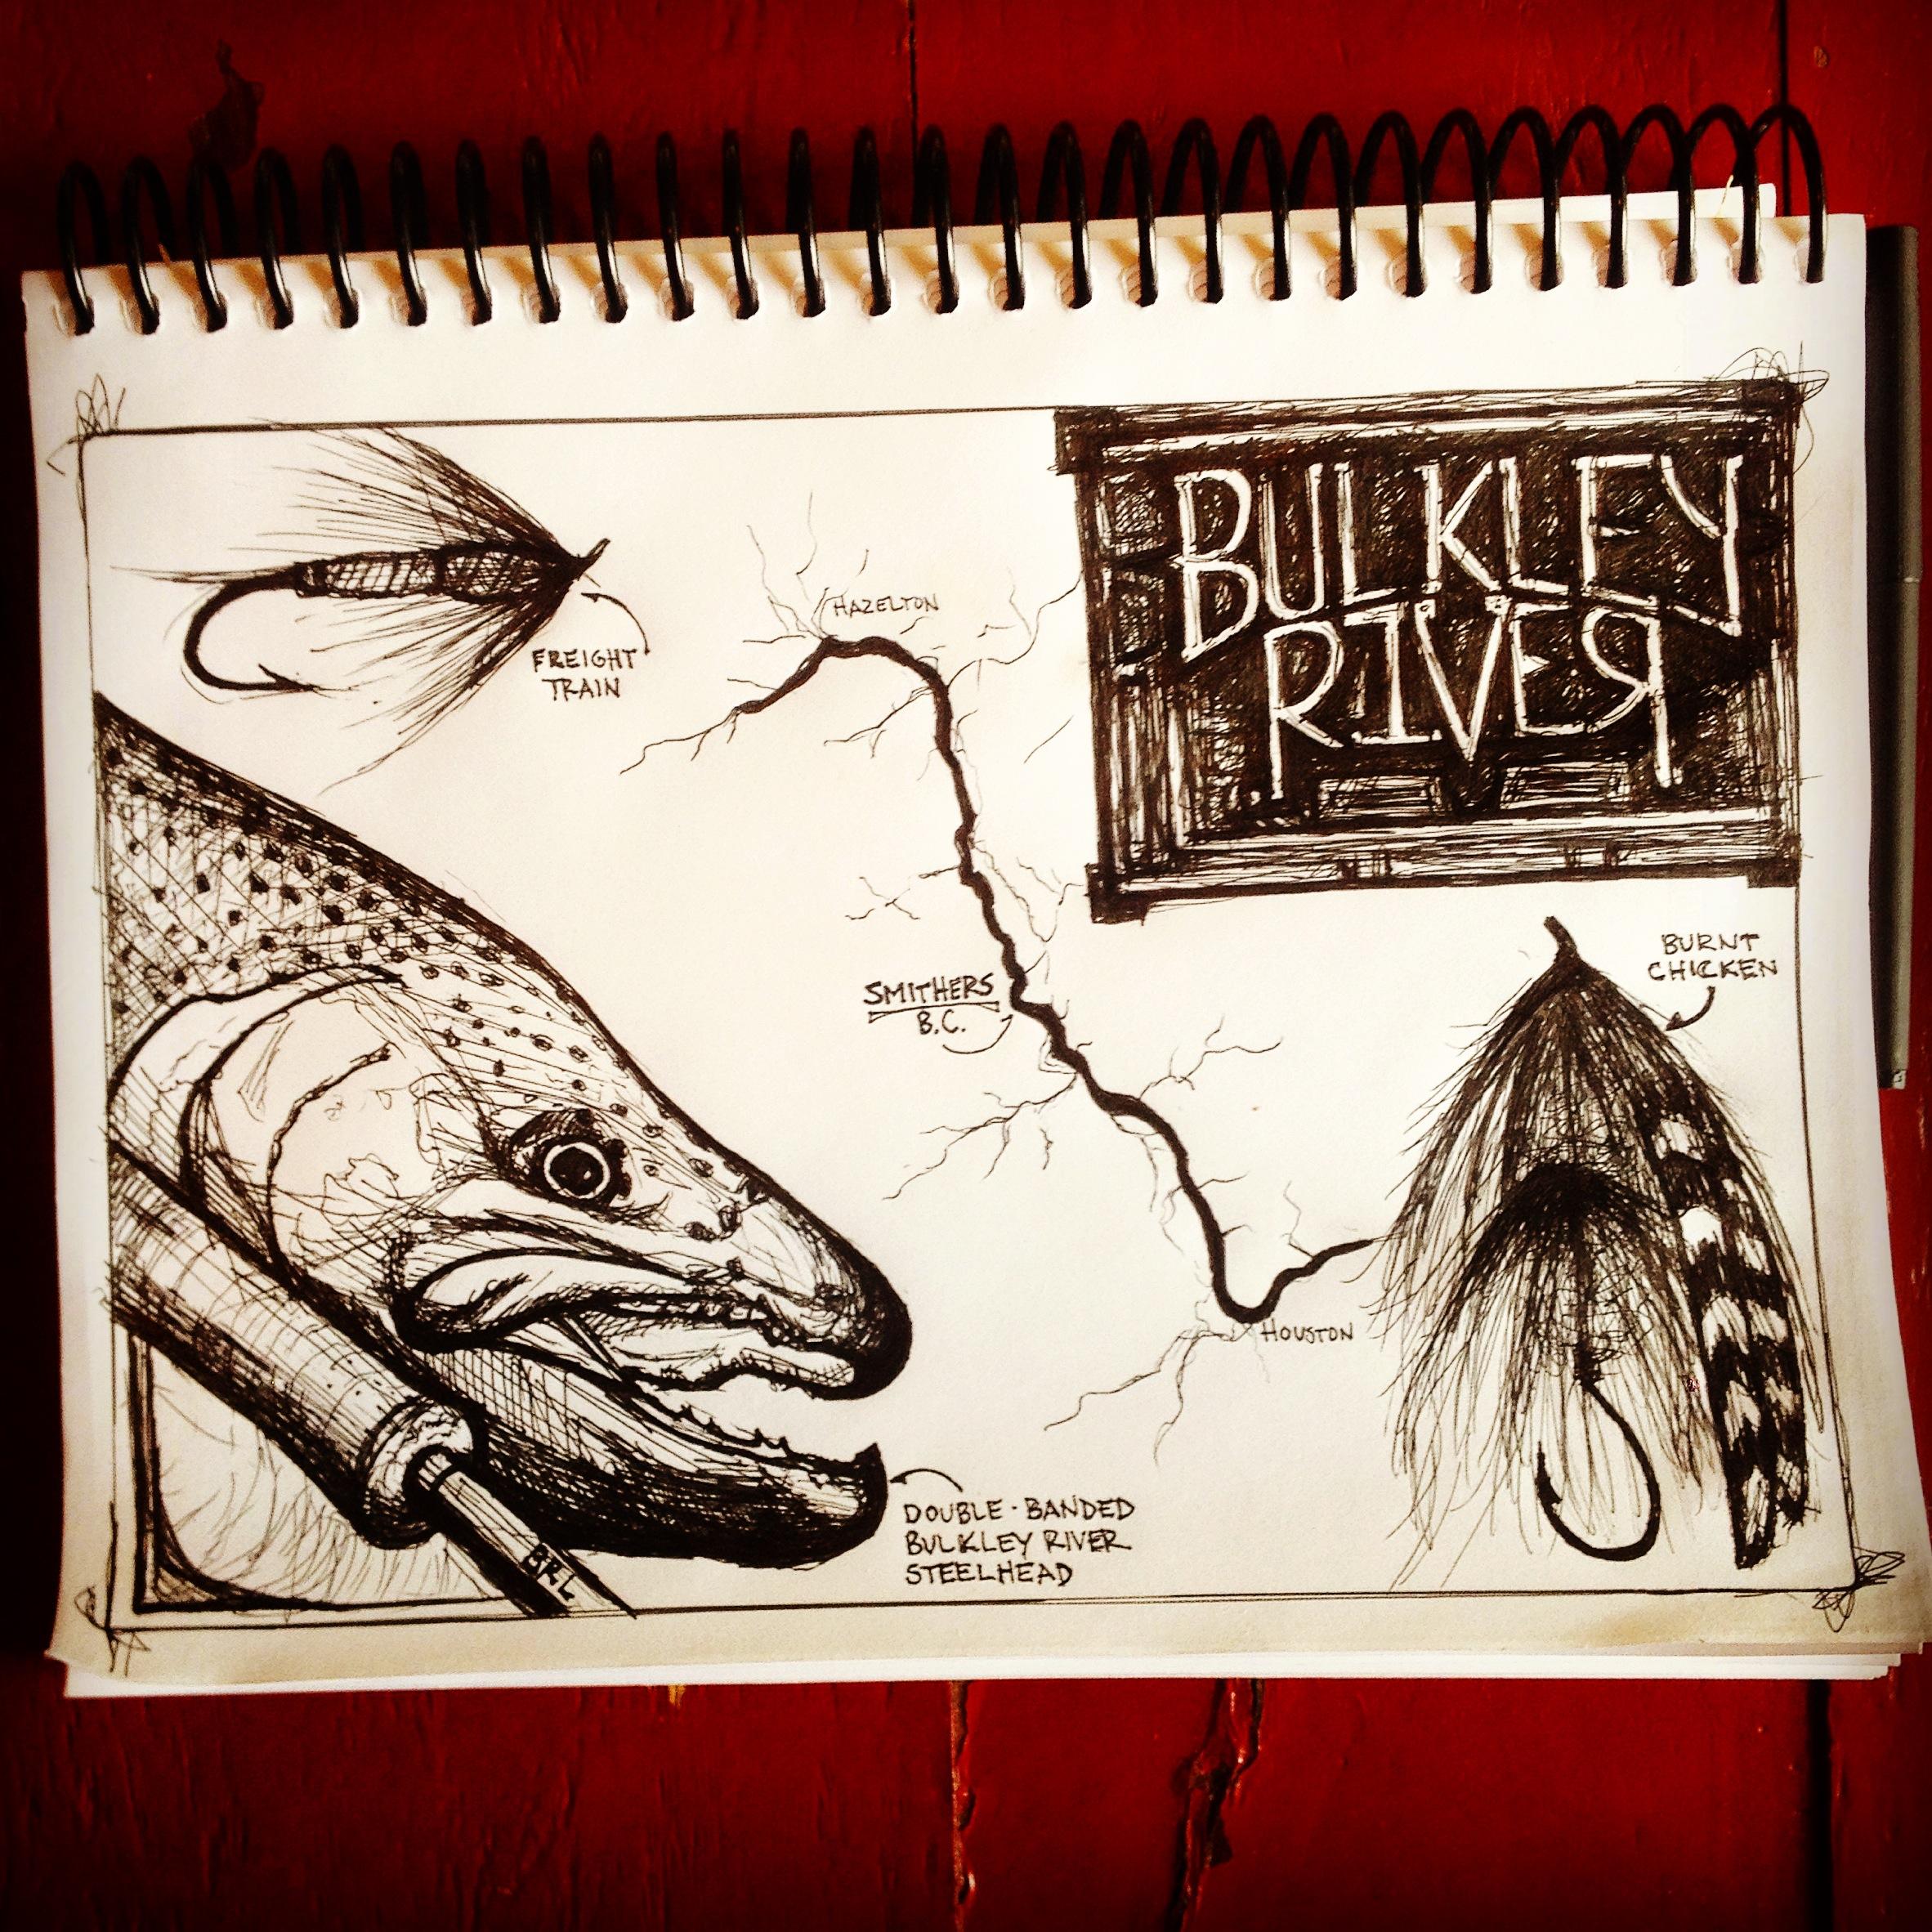 Bulkley River Poacher, 11x8.5, 2014